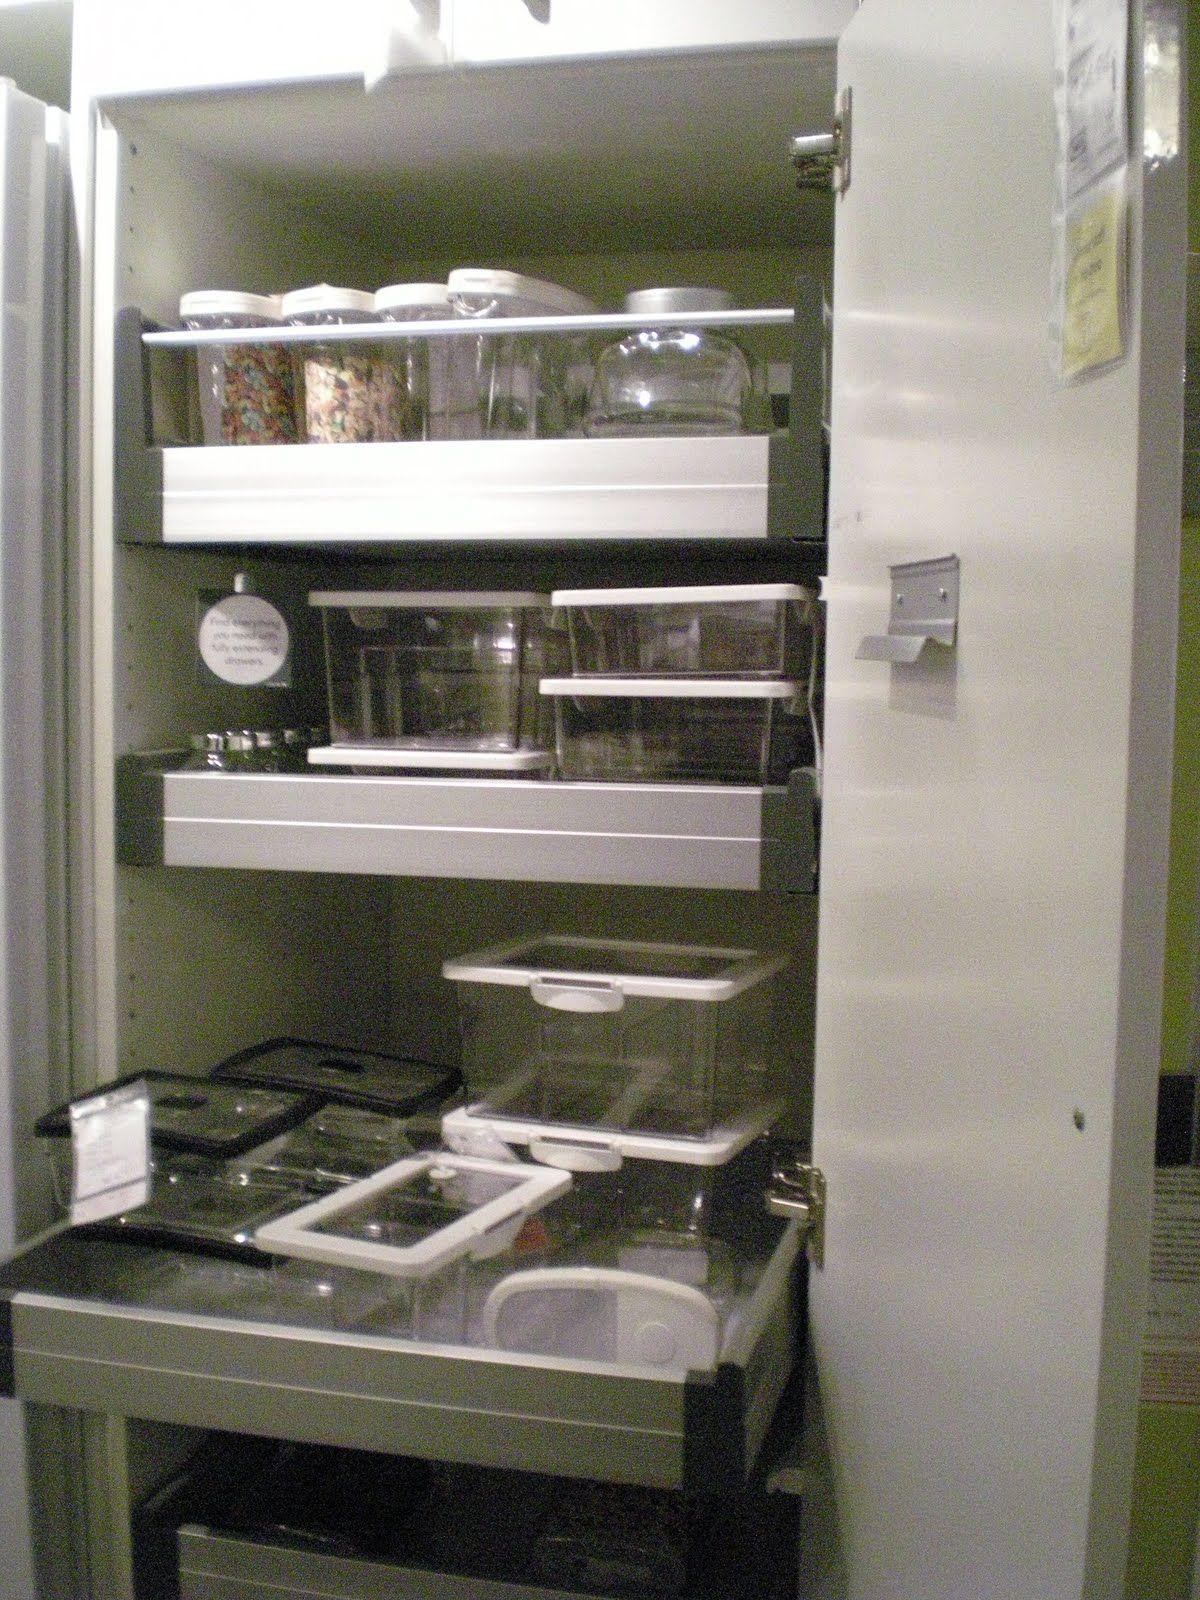 ikea kitchen pantry organize